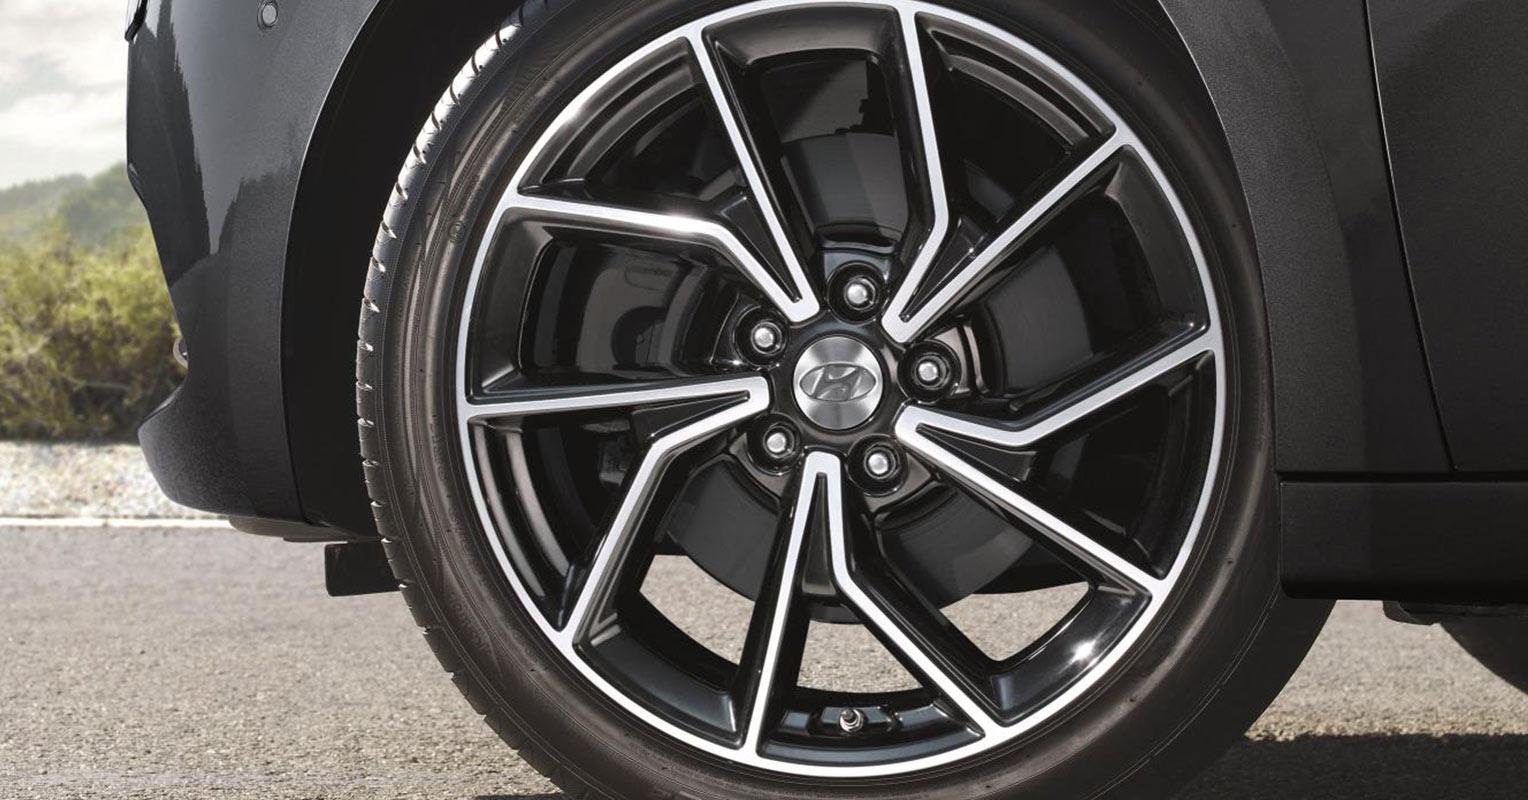 Llanta de aleación del Hyundai i40 2019